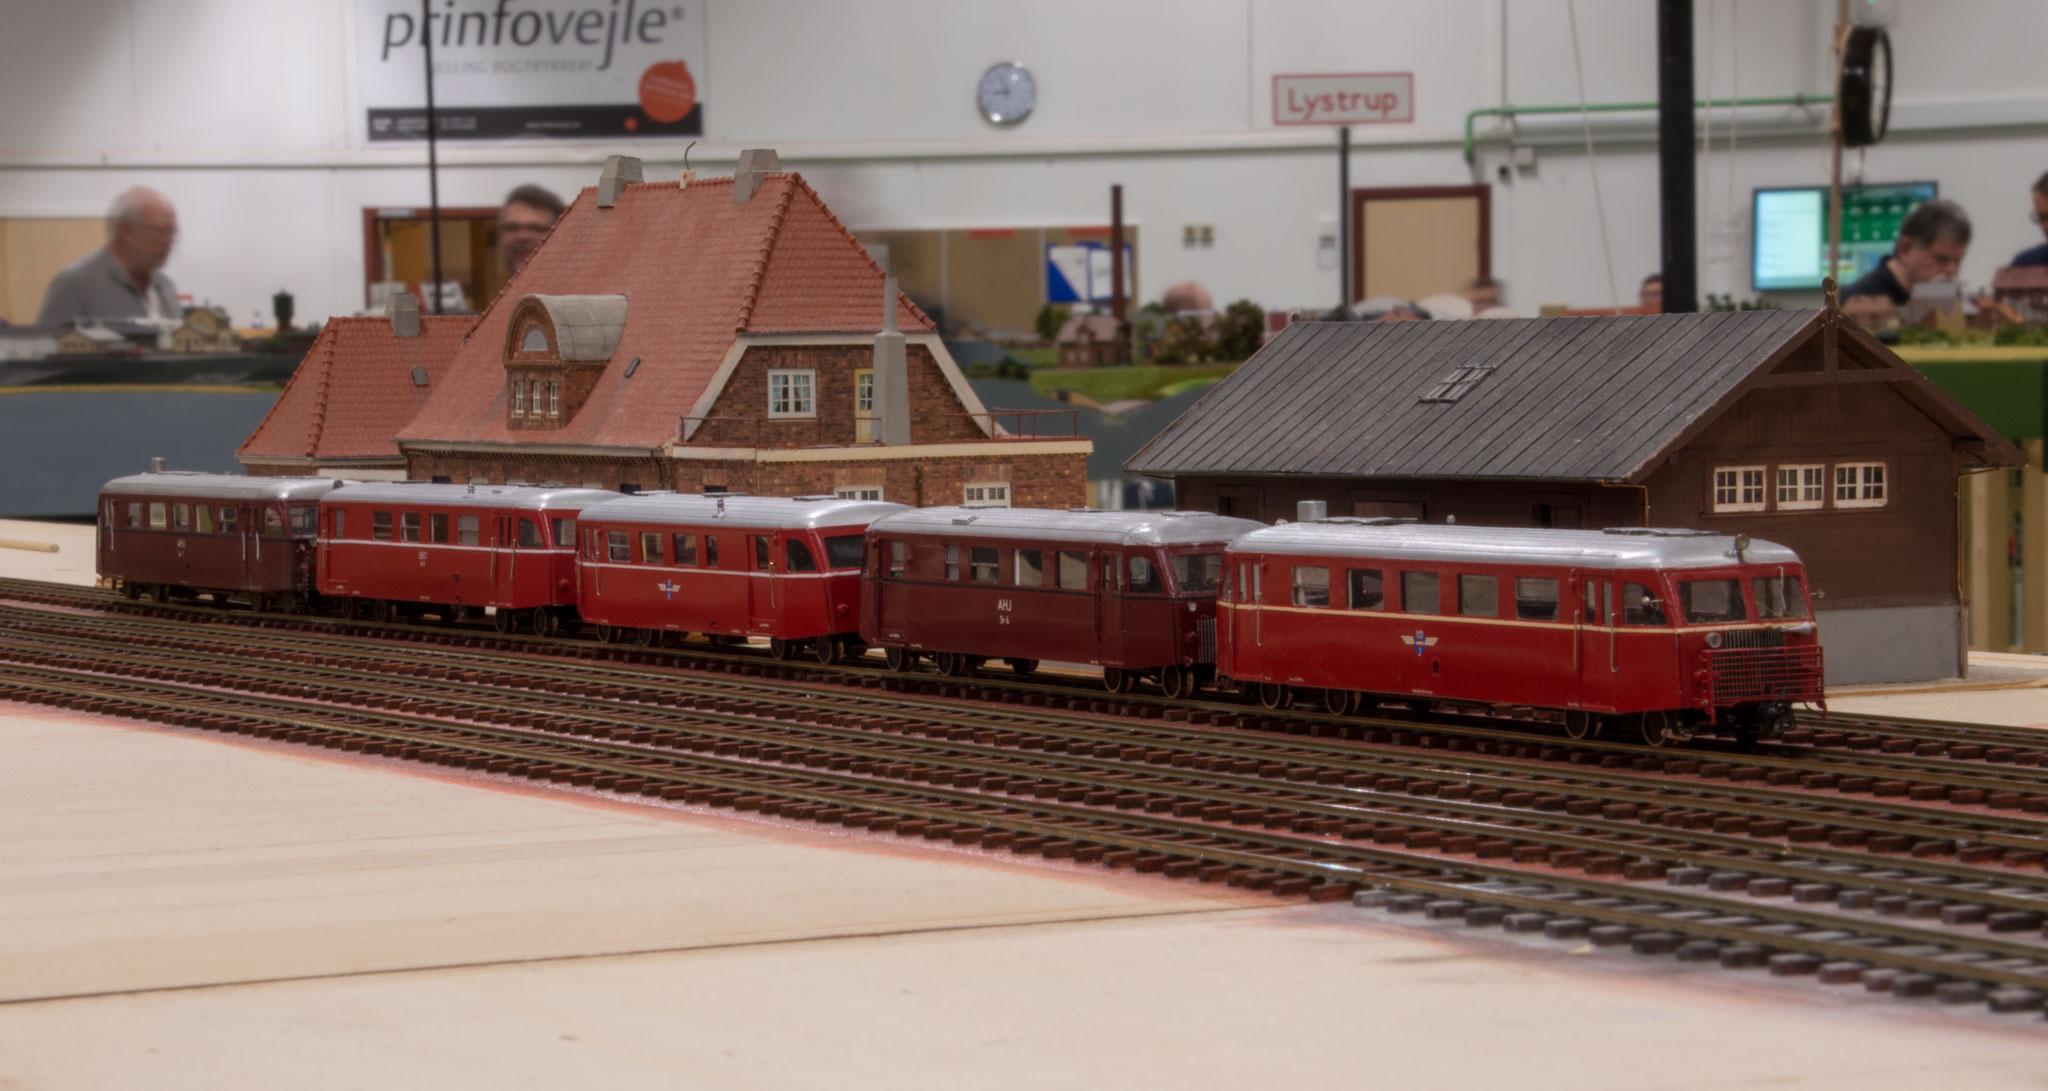 Sidste ordinære persontog på privatbanen lørdag aften - billedet er taget på Sæby station